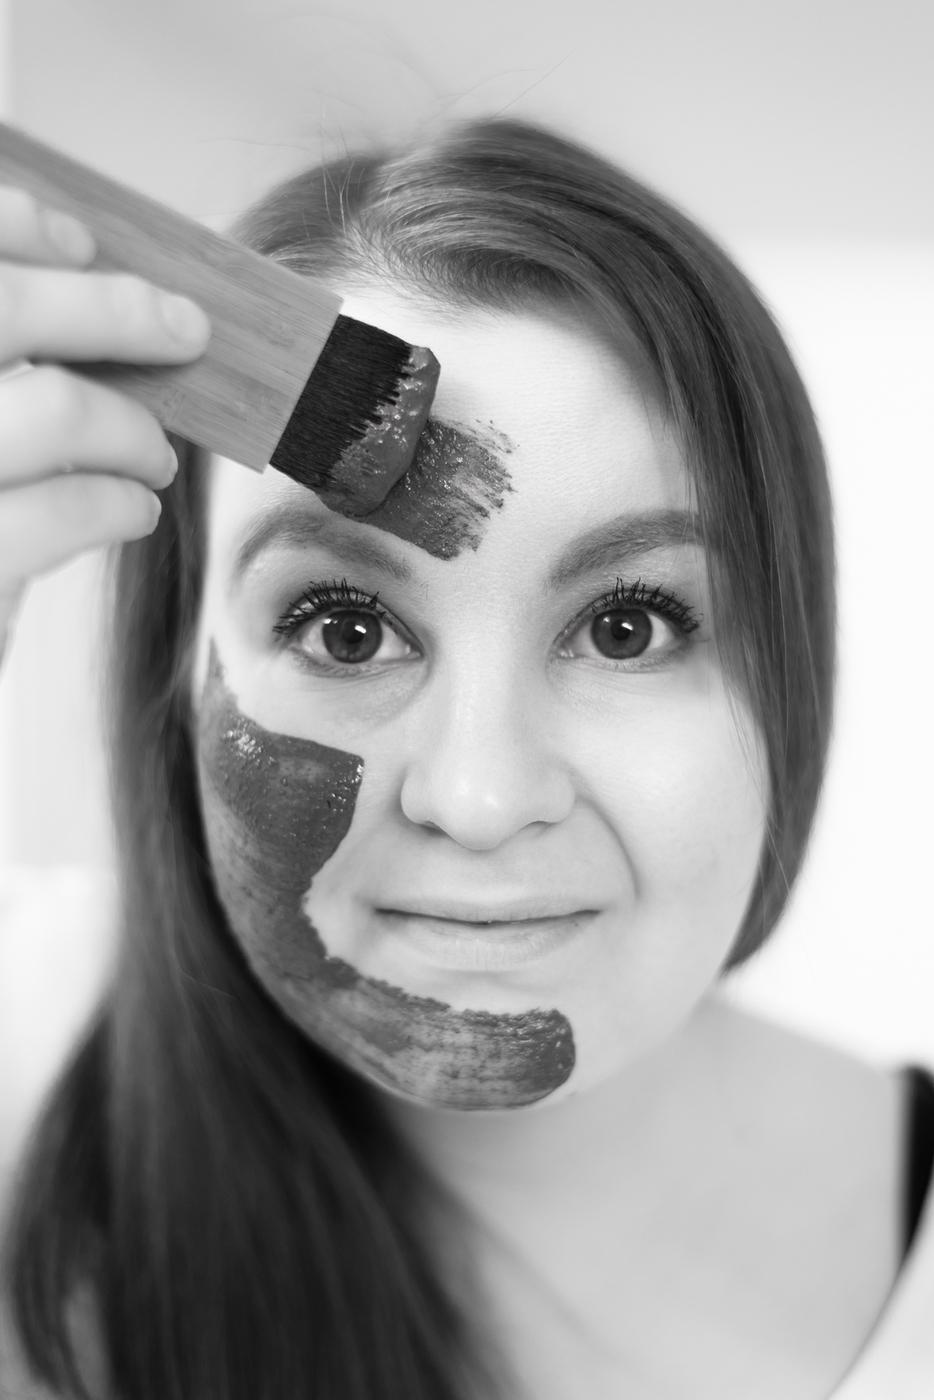 Luonnonkosmetiikan savinaamiolla eroon ihon sameudesta